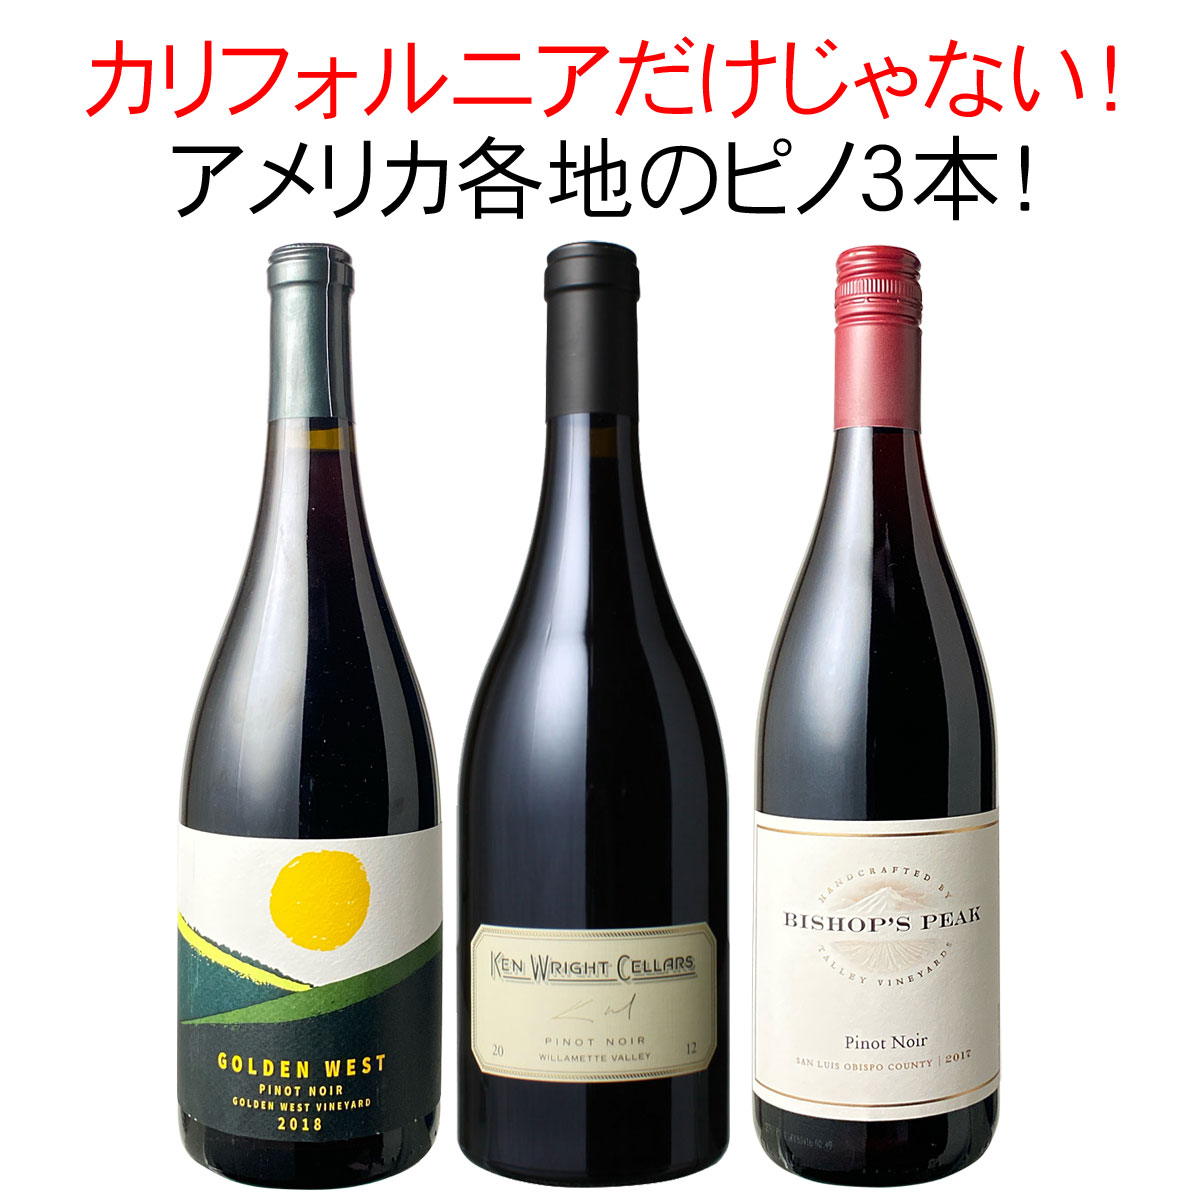 ワインセット カリフォルニア ピノ・ノワール 3本 セット 赤ワイン 家飲み 御祝 誕生日 ハロウィン ギフト プレゼント カリピノ満喫